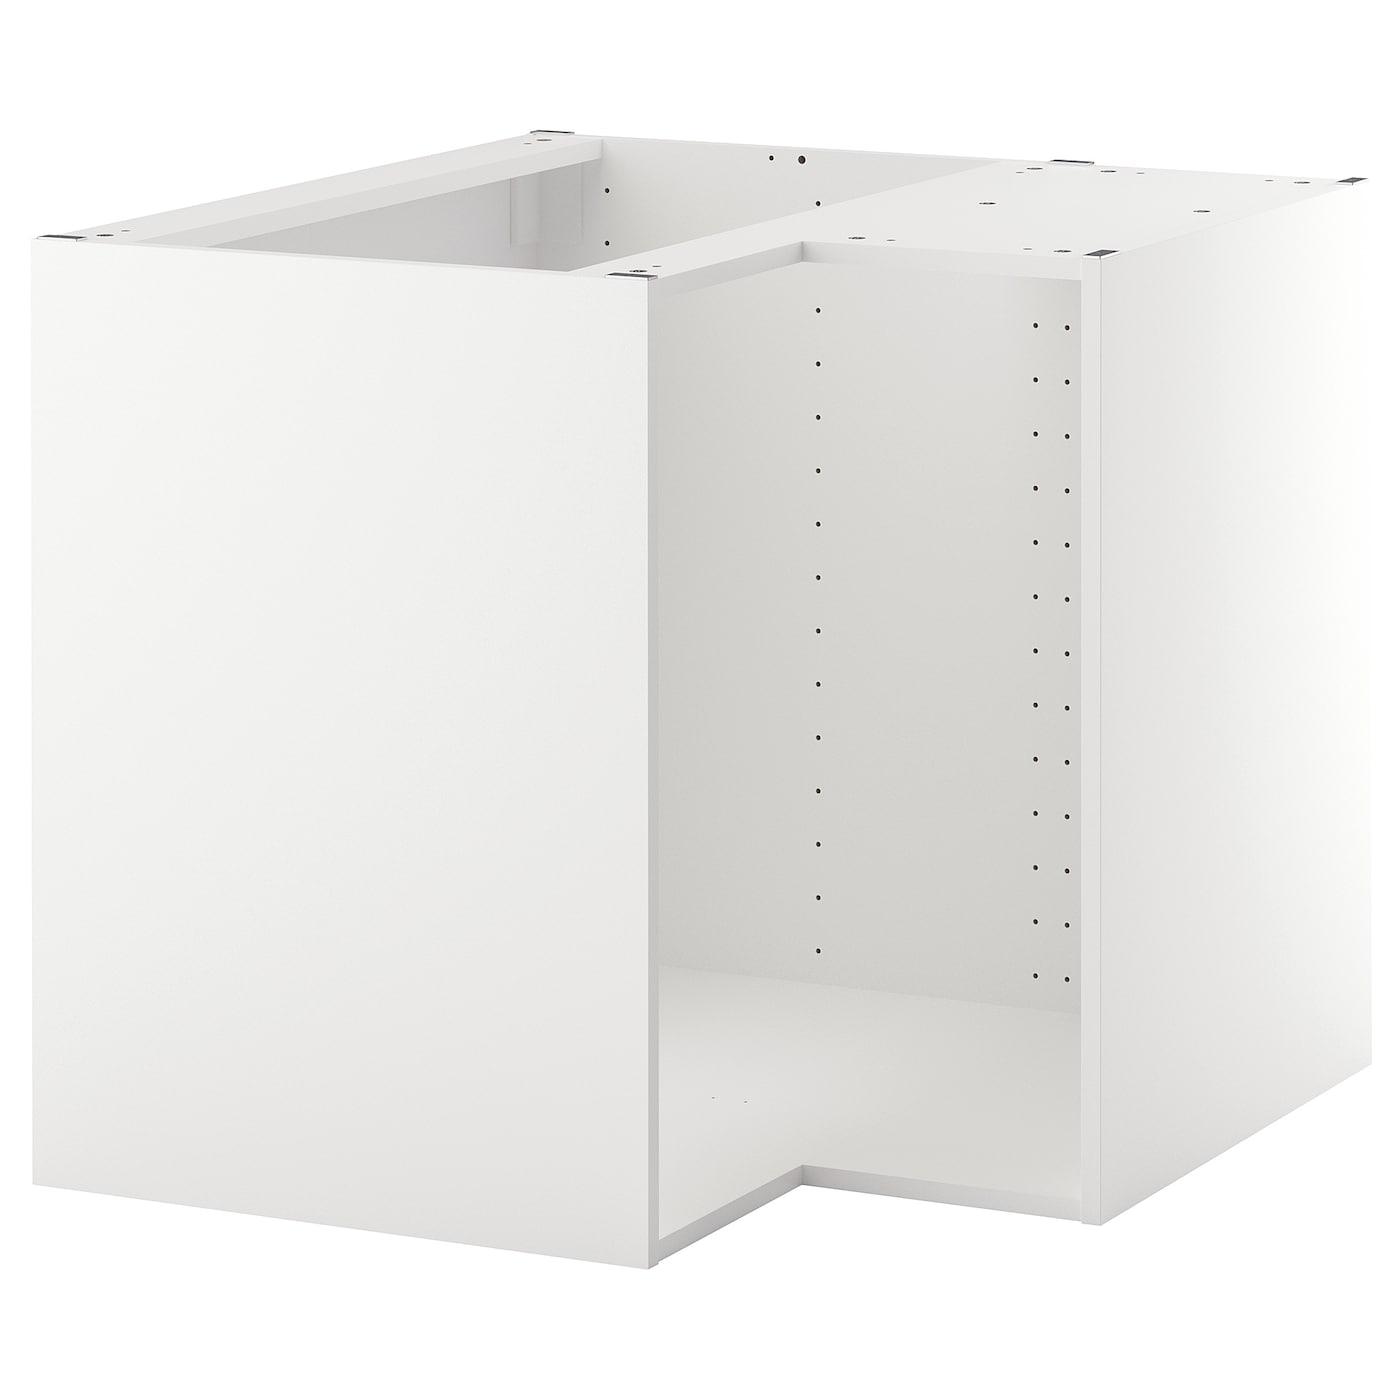 Full Size of Ikea Küche Eckschrank Metod Korpus Eckunterschrank Wei Deutschland Ohne Geräte Mit Elektrogeräten Betonoptik Wandregal Landhaus Billige Beistelltisch Wohnzimmer Ikea Küche Eckschrank